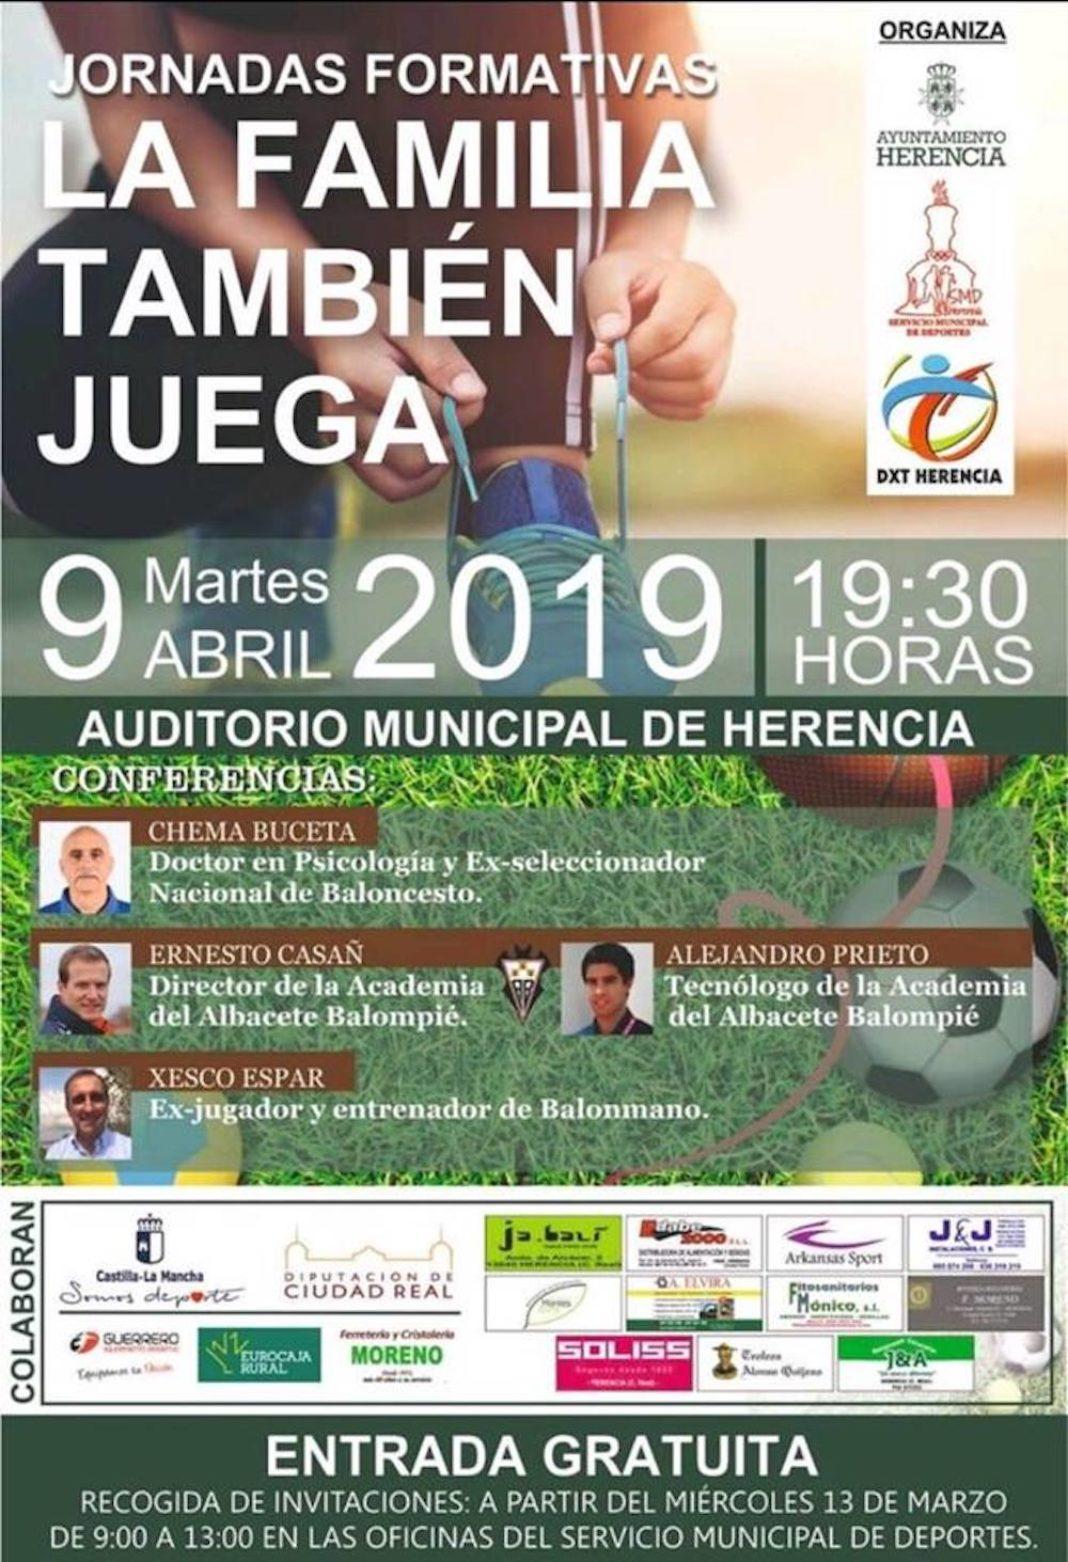 """jornadas formativas la familia tambien juega 1068x1562 - Jornadas formativas """"La familia también juega"""""""